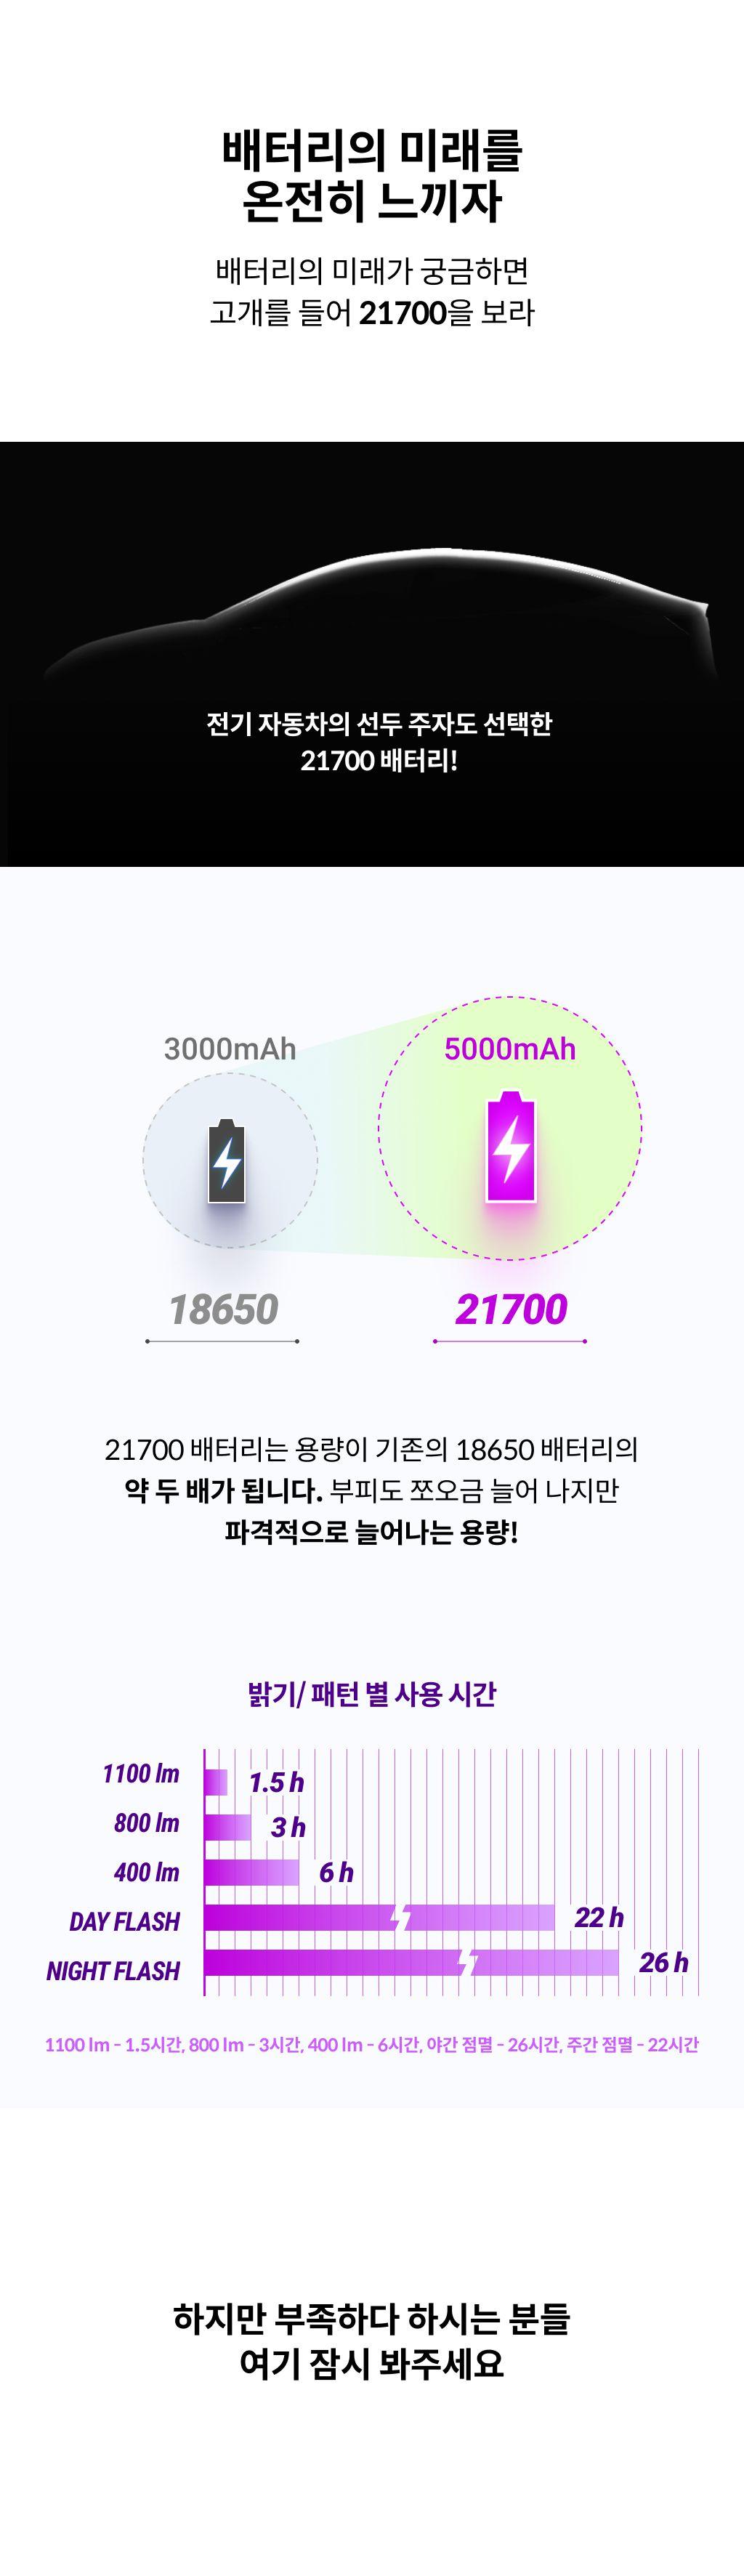 오트웍스 스마트 전조등 FARINA 21700 battery